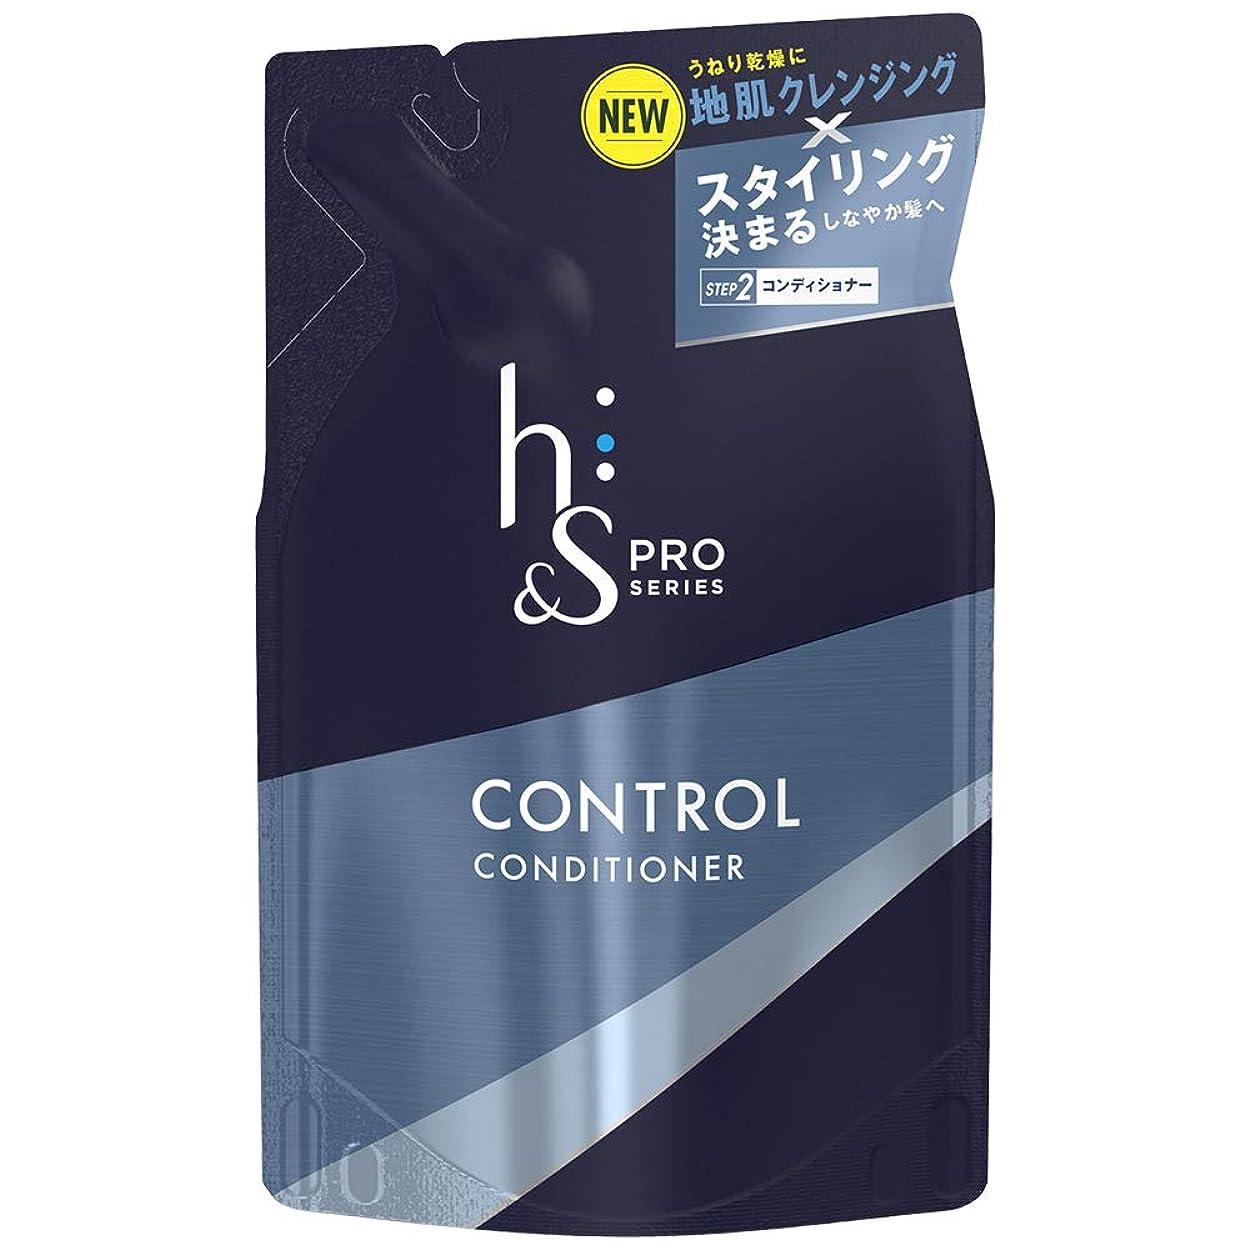 知事おとうさん比較的h&s PRO (エイチアンドエス プロ) メンズ コンディショナー コントロール 詰め替え (スタイリング重視) 300g